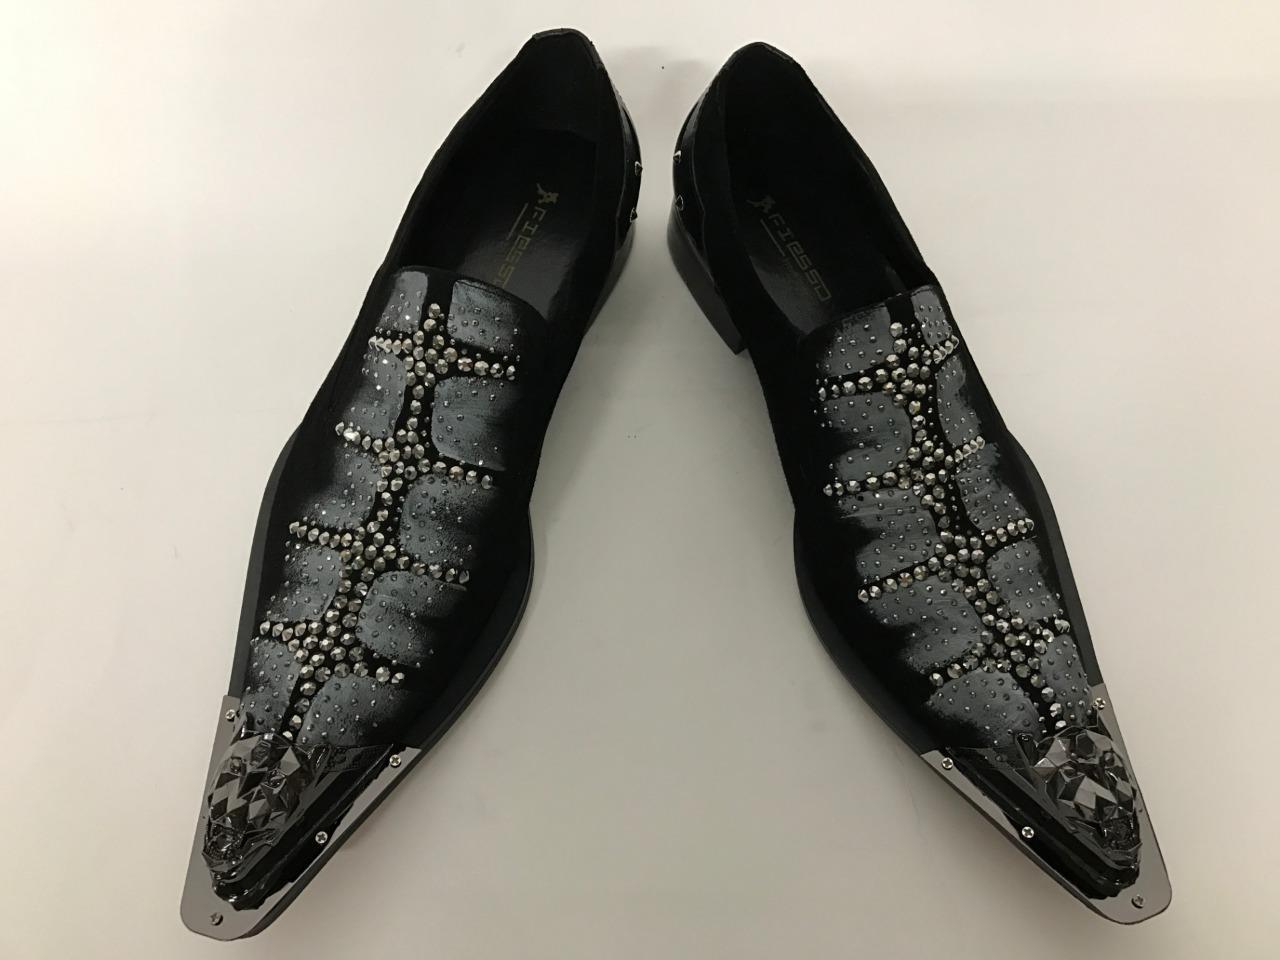 Hombre Cordones Fiesso ante Negro con Pedrería Tachuelas sin Cordones Hombre Zapatos 6f669c